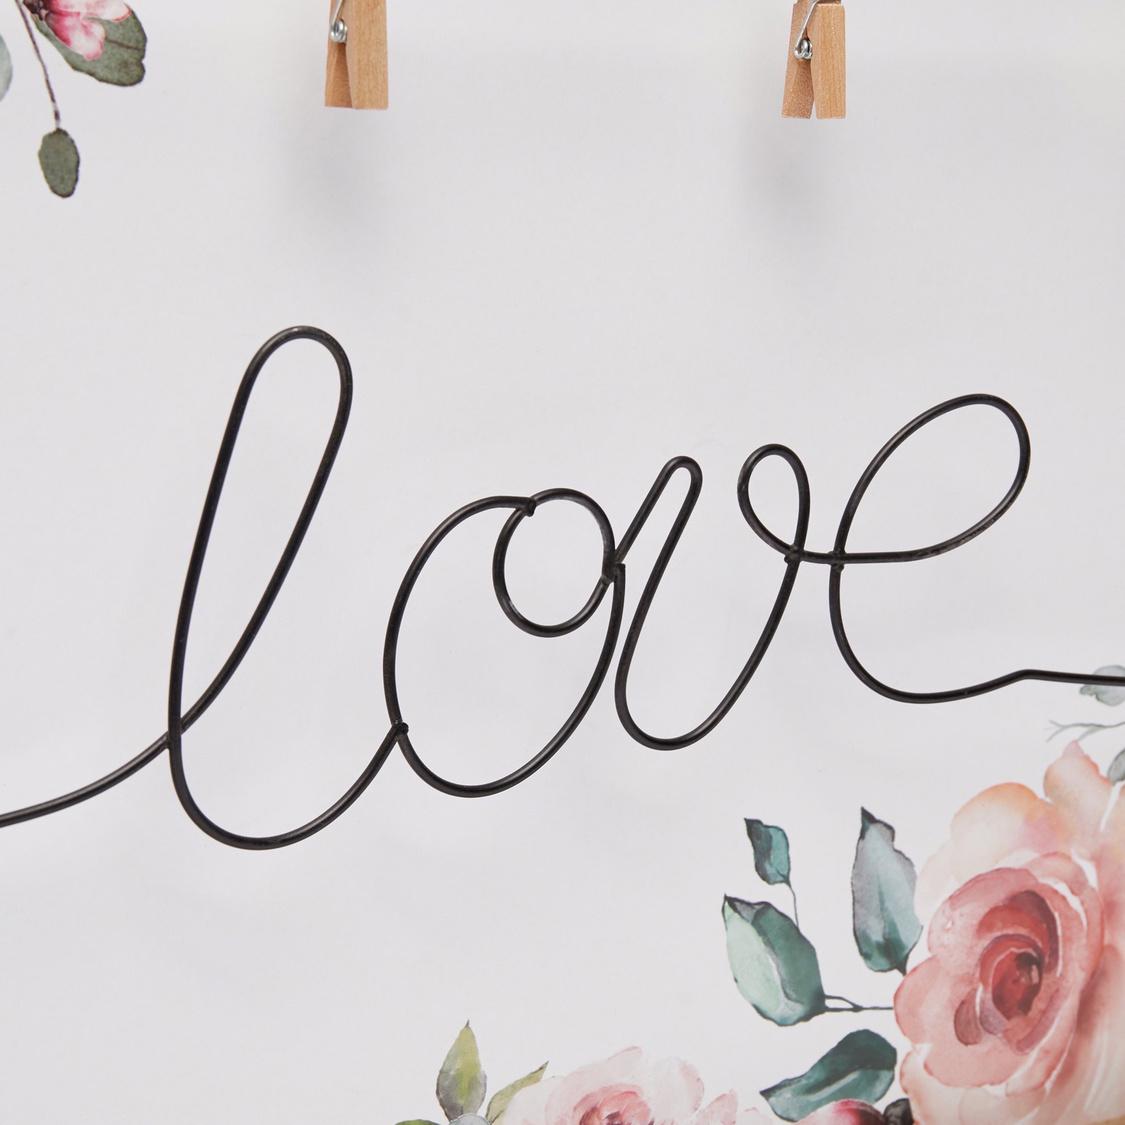 لوحة ديكور جداريّة بمشابك وتصميم كلمة لوف